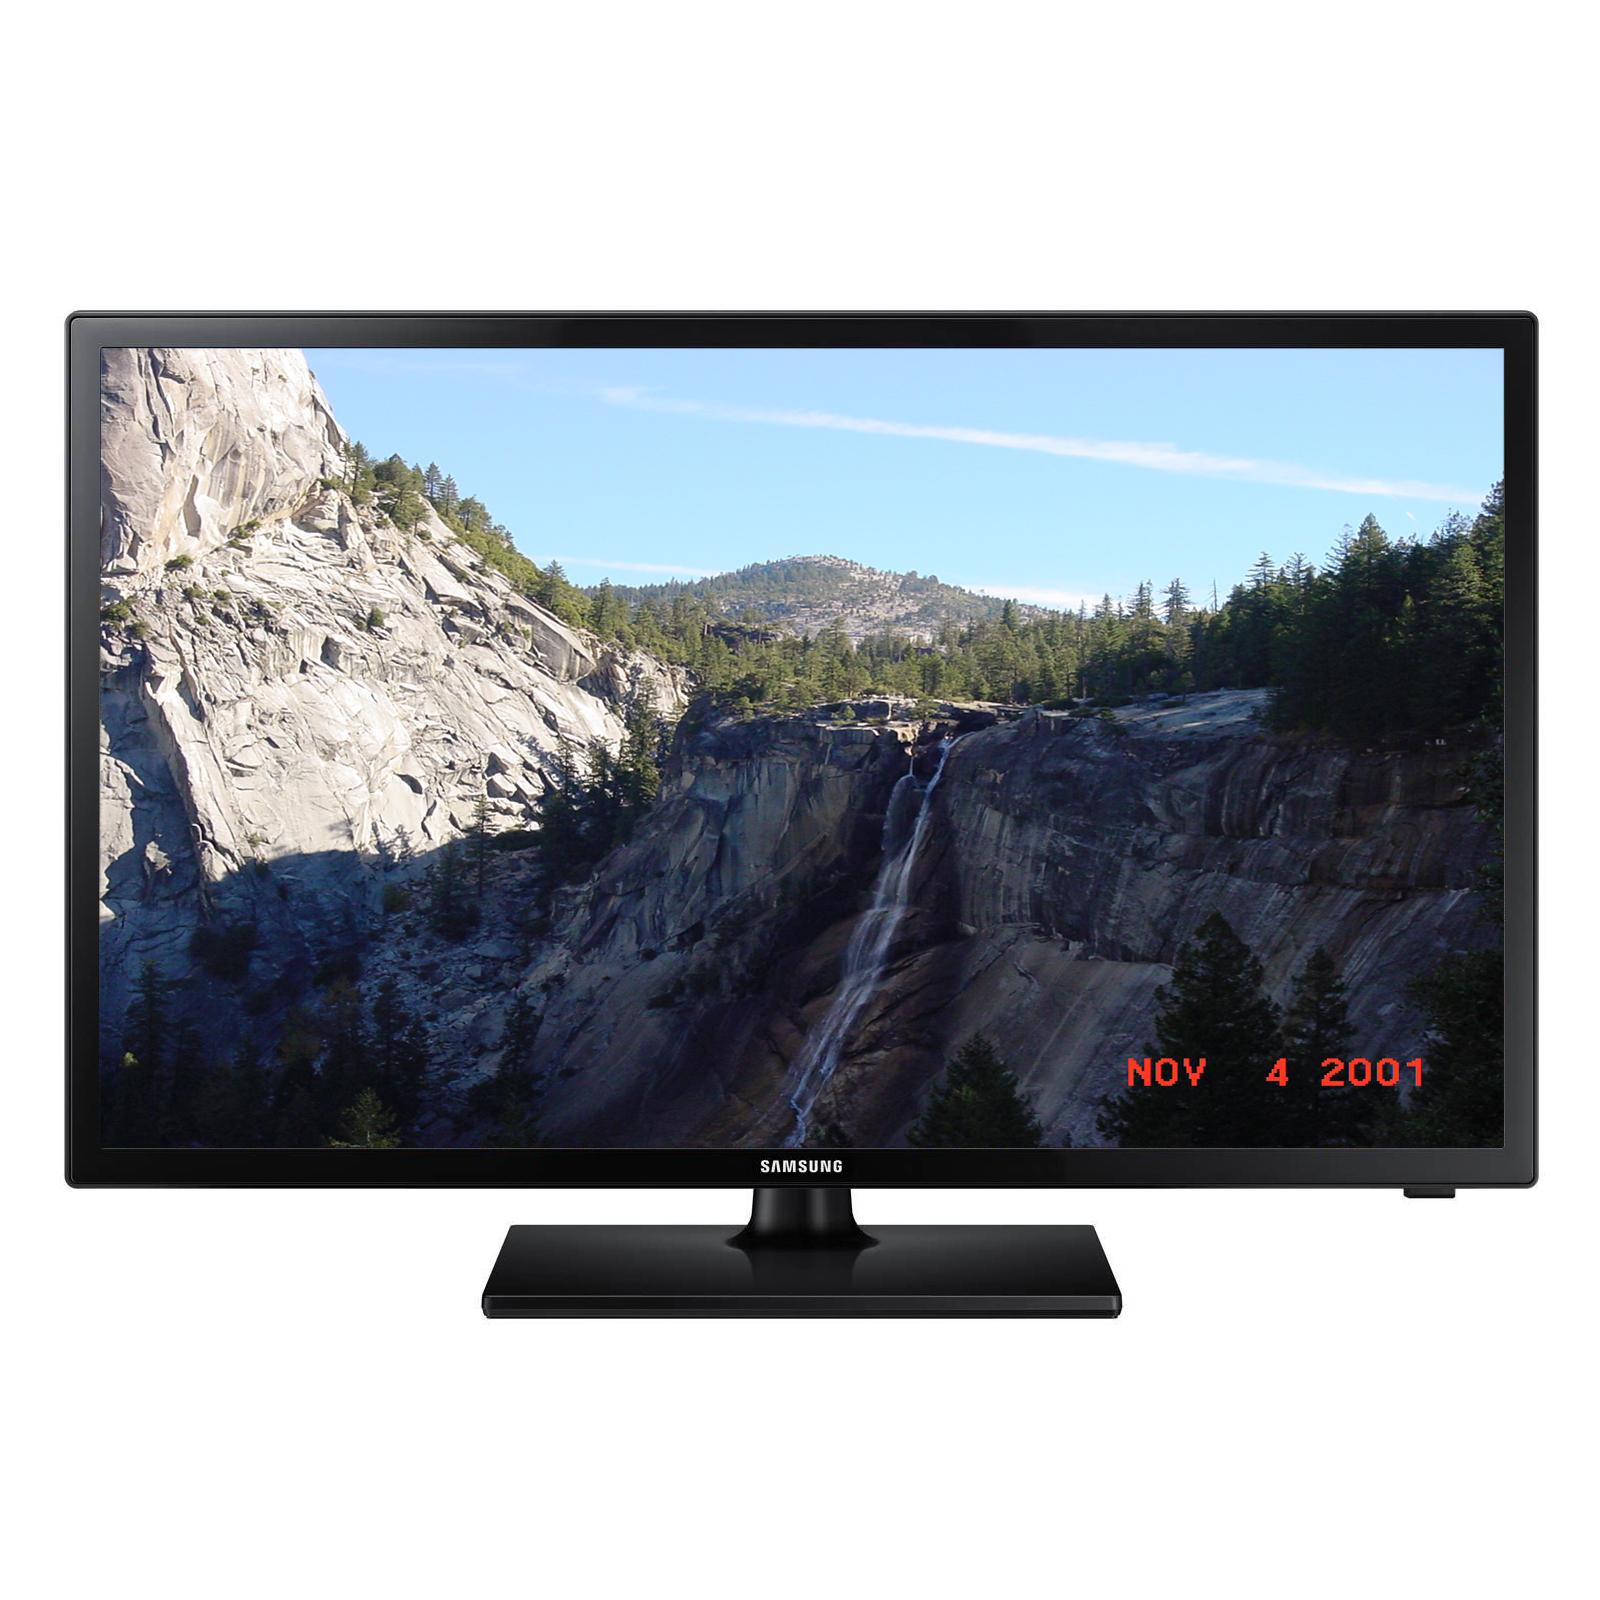 Samsung Refurbished 24 In. 1080P LED TV Monitor-LT-24D310